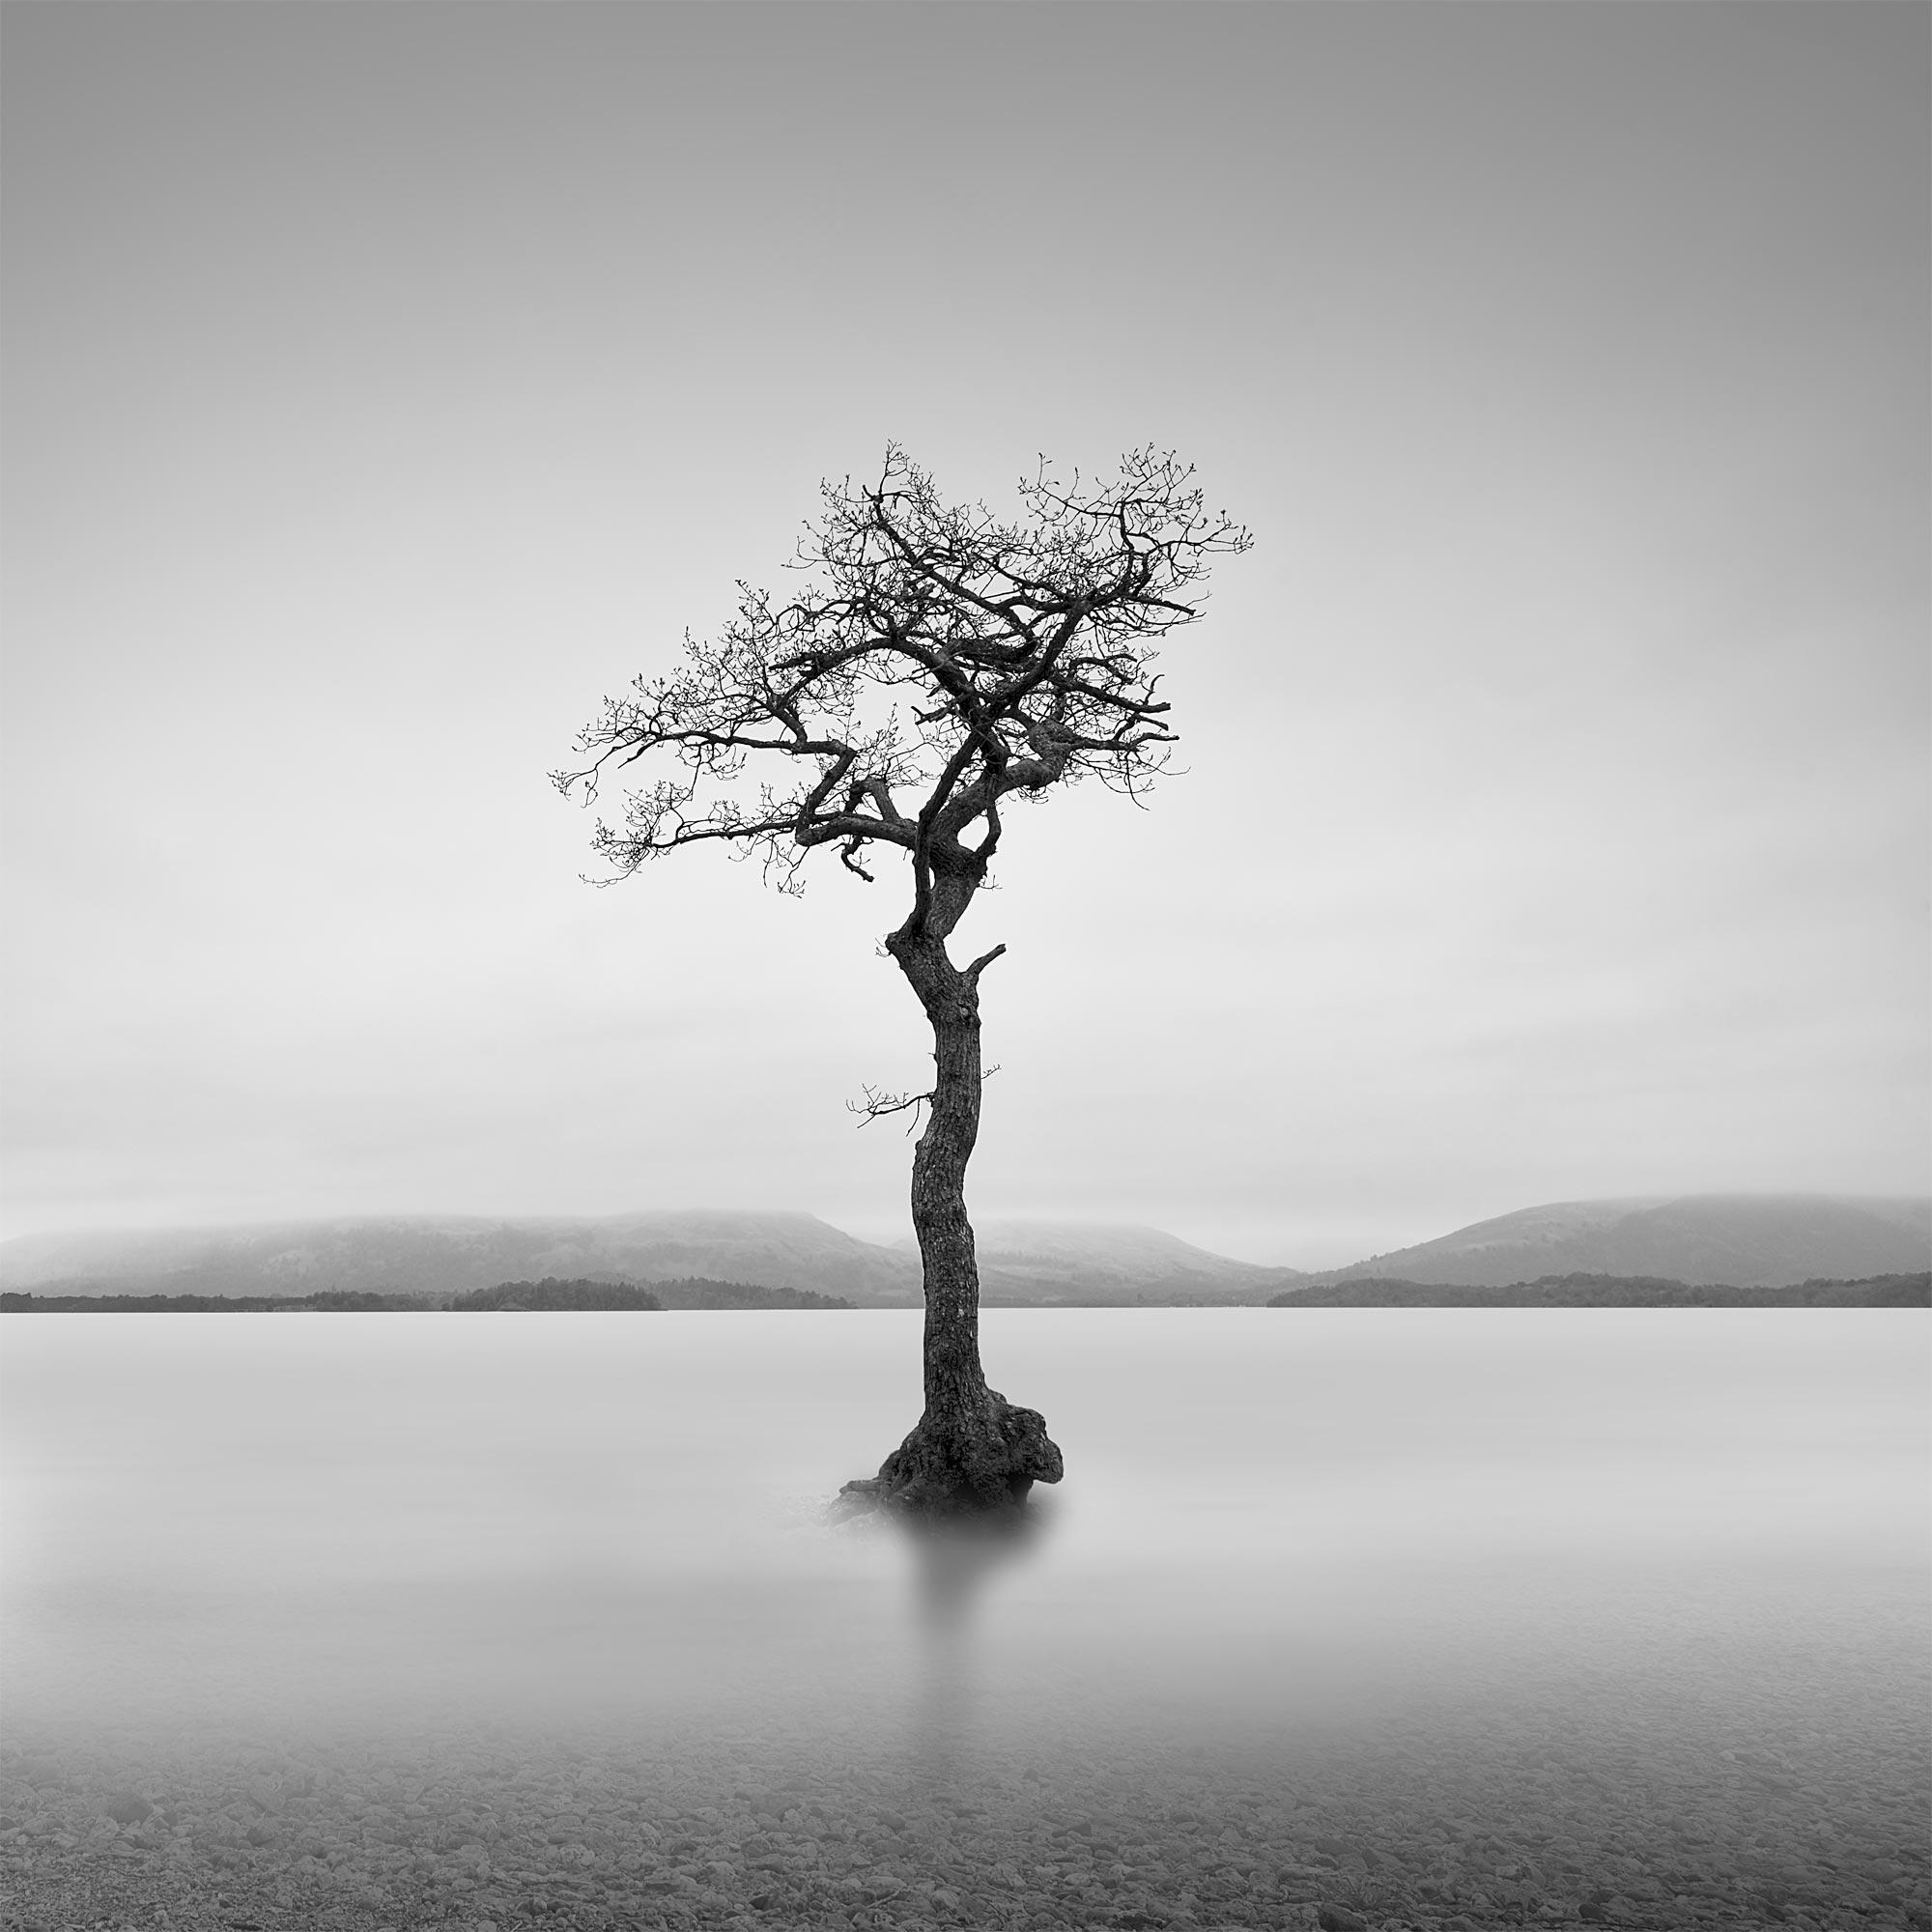 Milarrochy-Bay, Skotsko | Foto Tomáš Tisoň